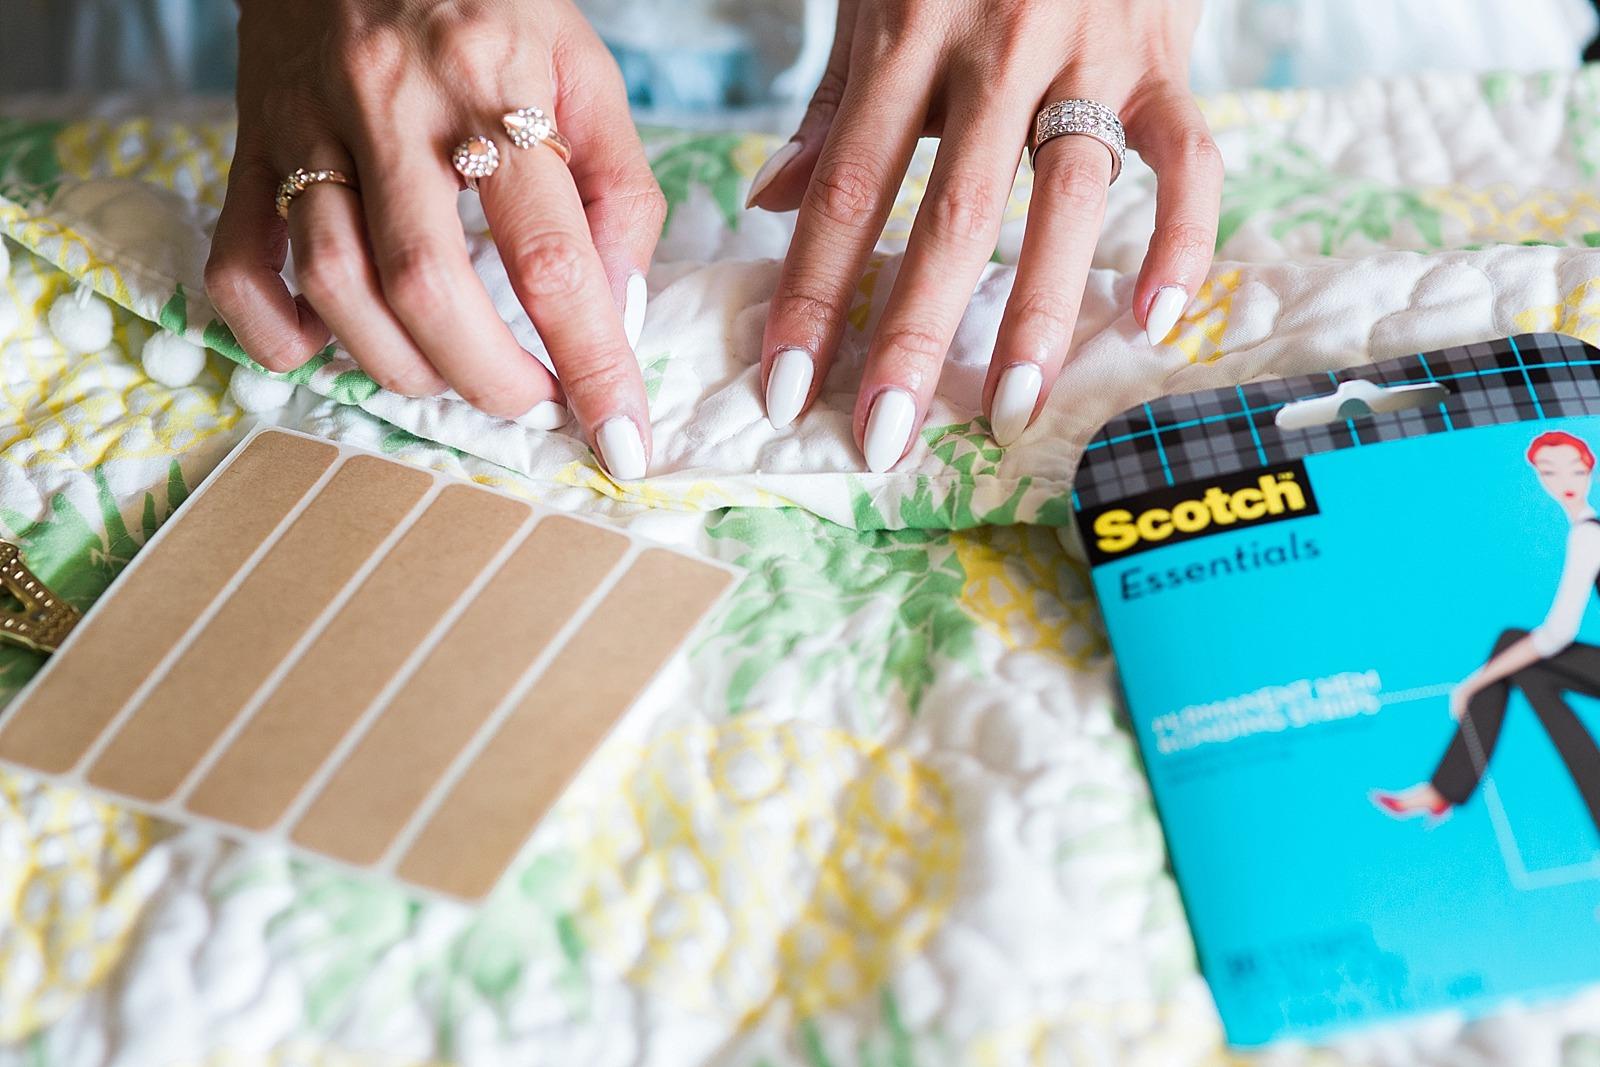 scotch-essentials-diana-elizabeth-blog-0323